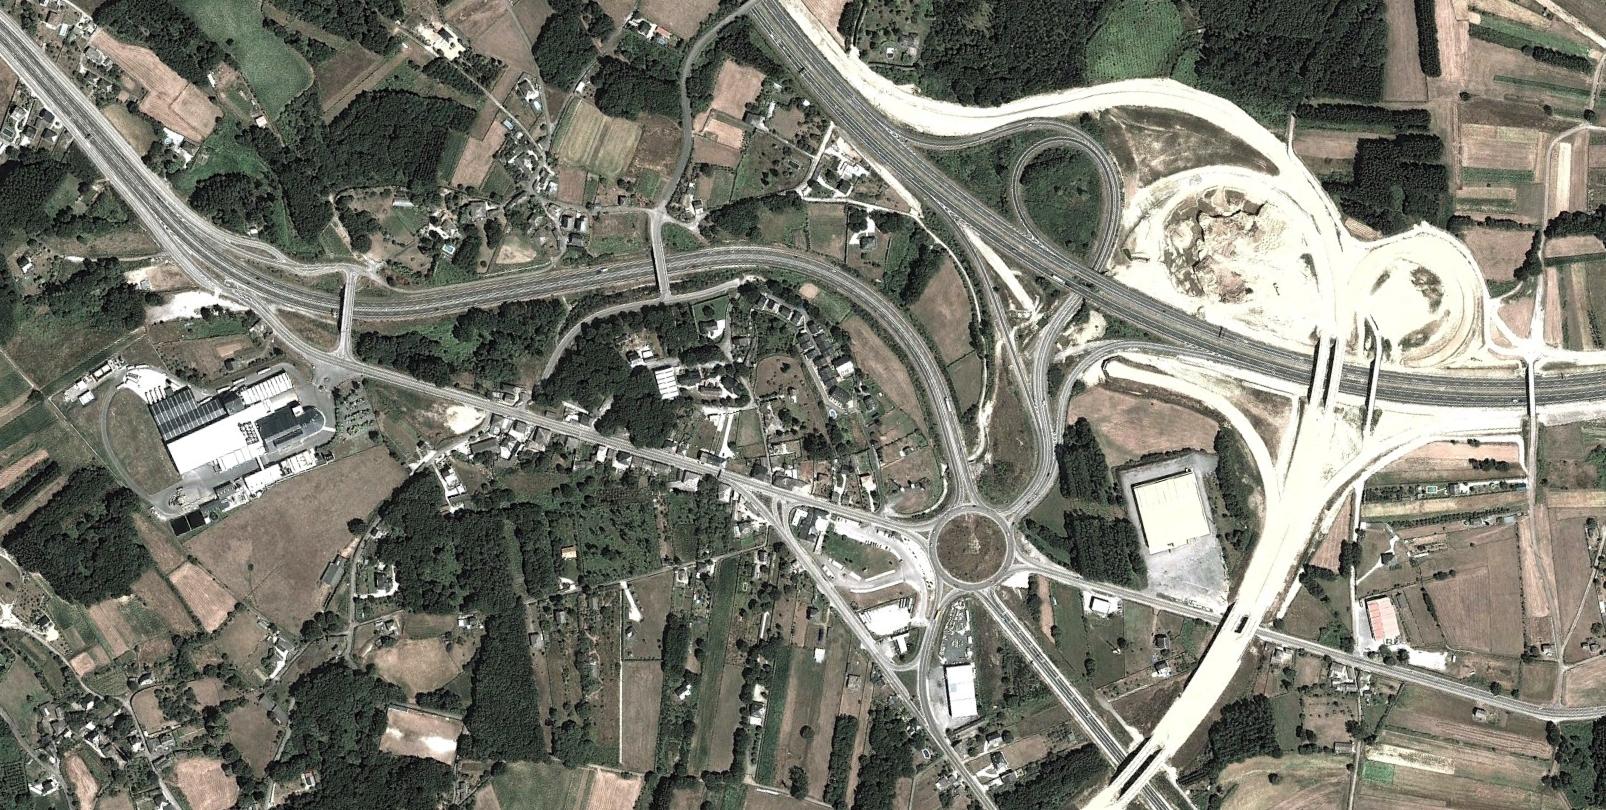 nadela, lugo, bracines, después, urbanismo, planeamiento, urbano, desastre, urbanístico, construcción, rotondas, carretera